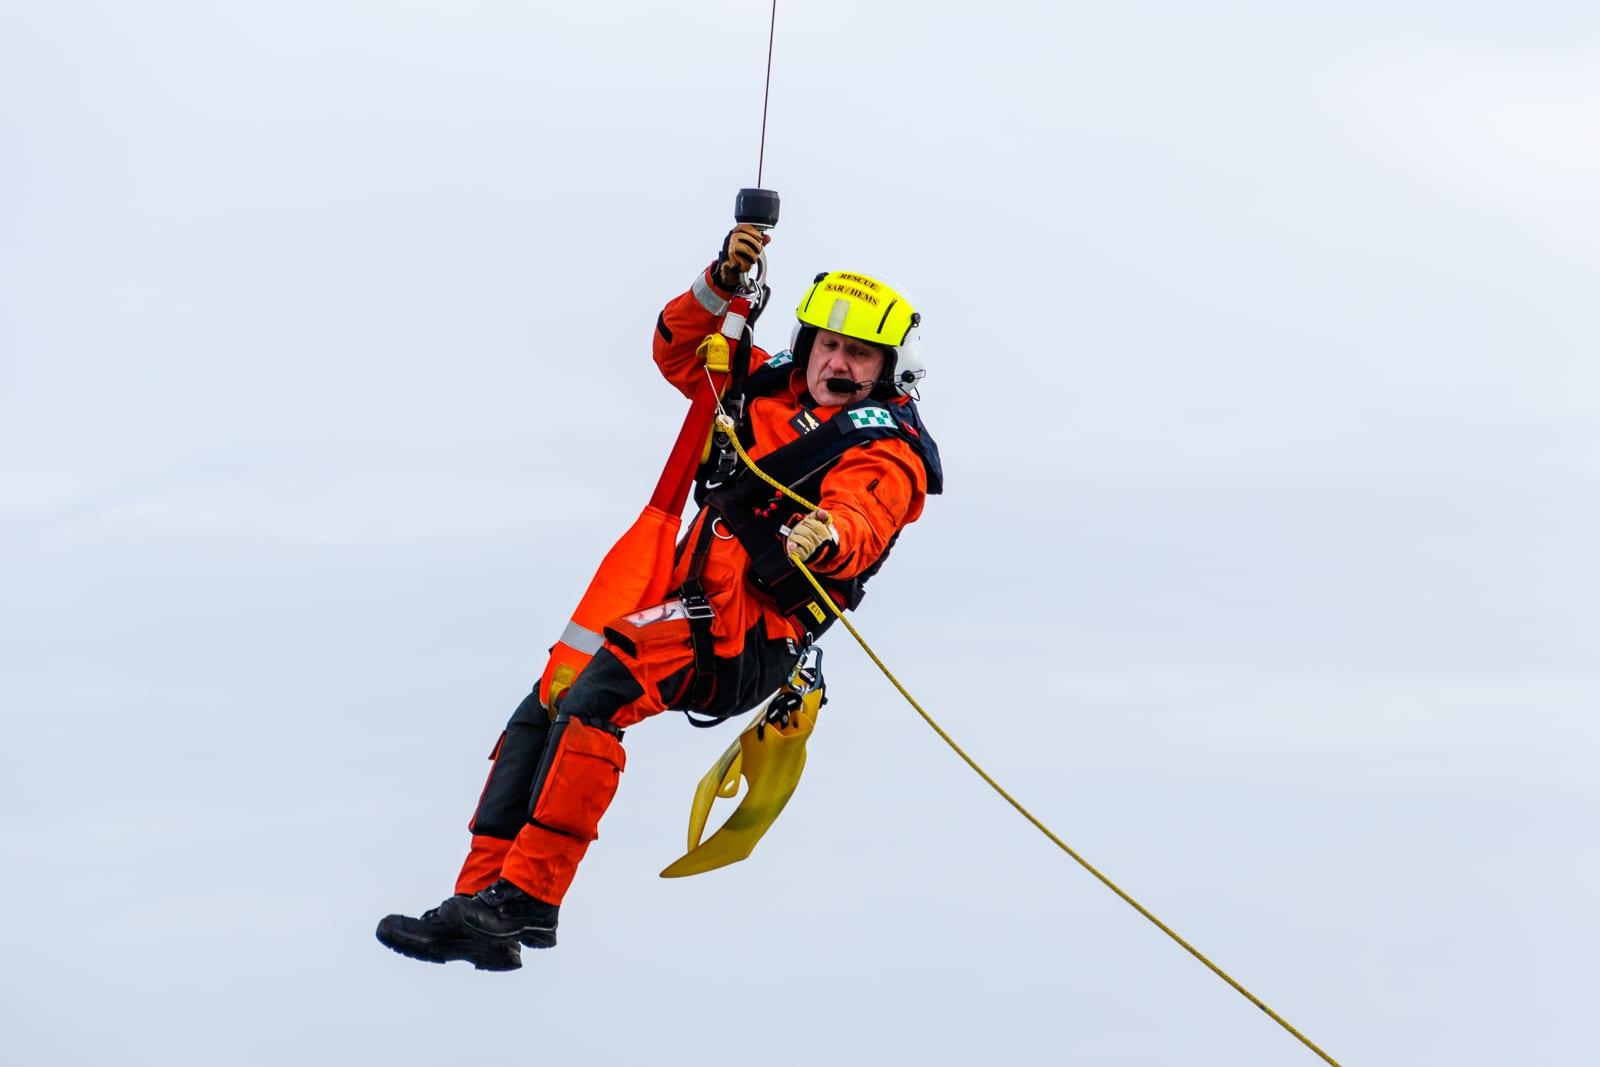 Winchman hoist harness